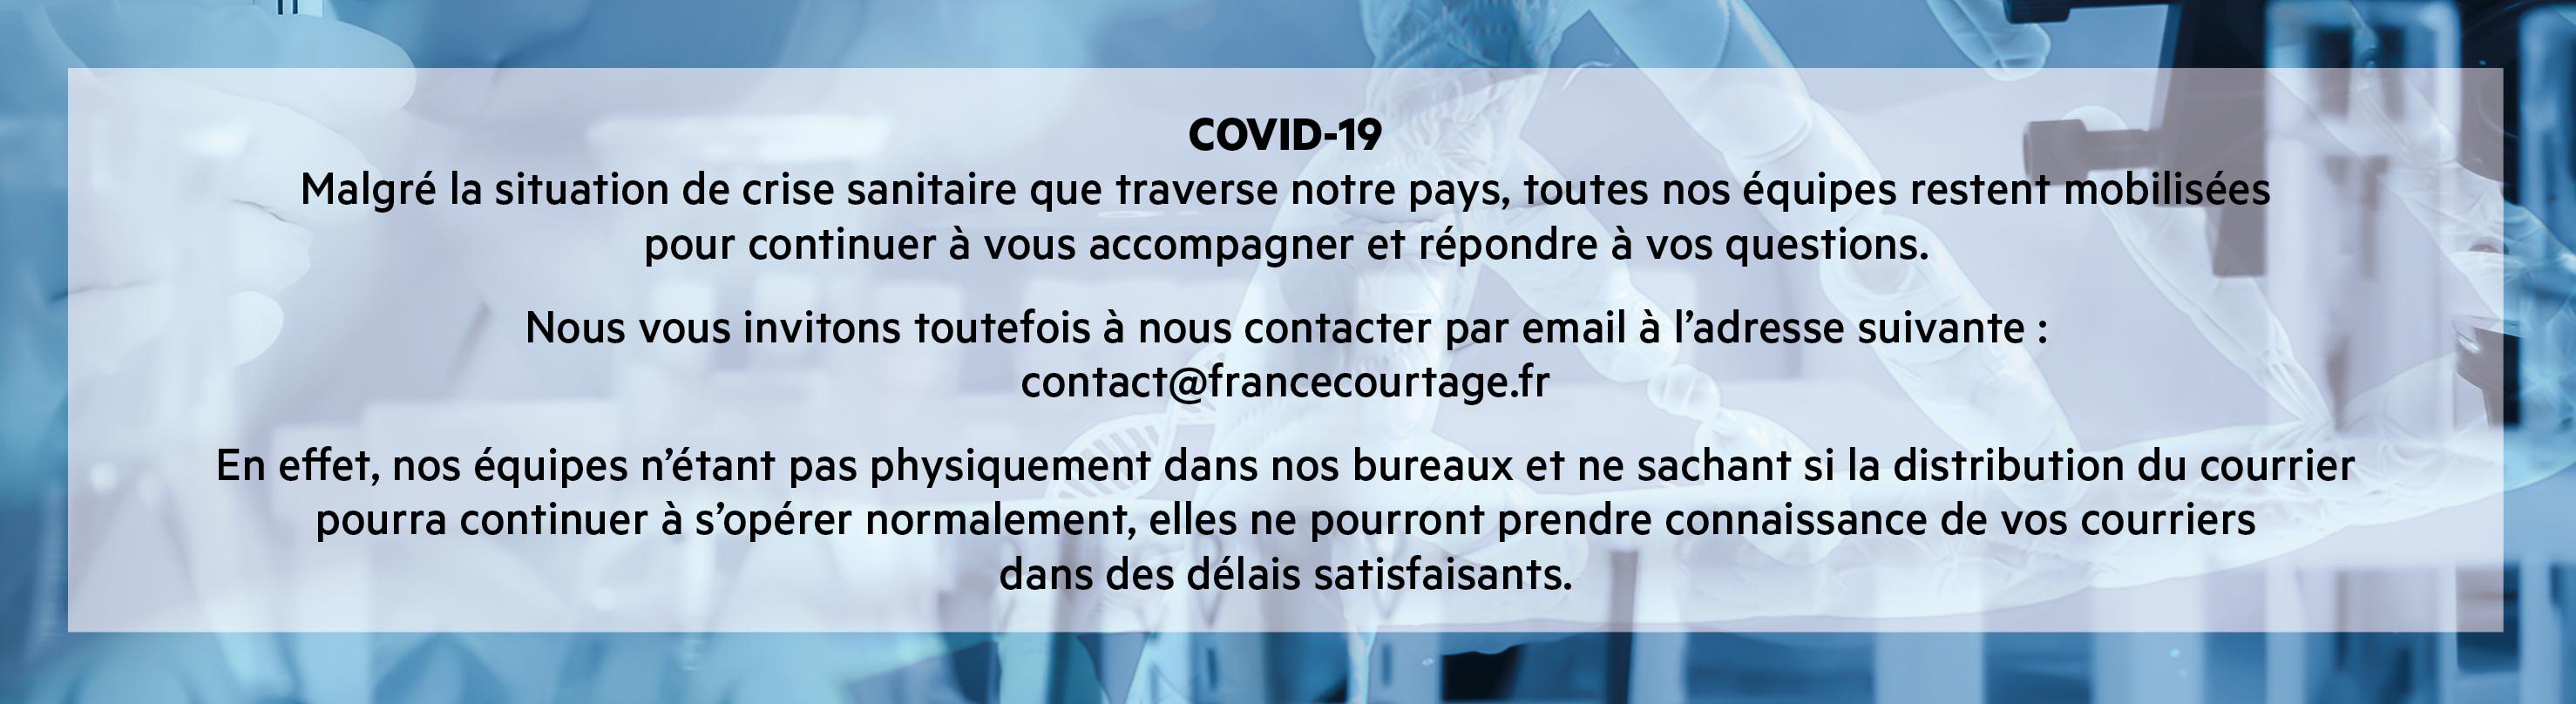 GFC-COVID19